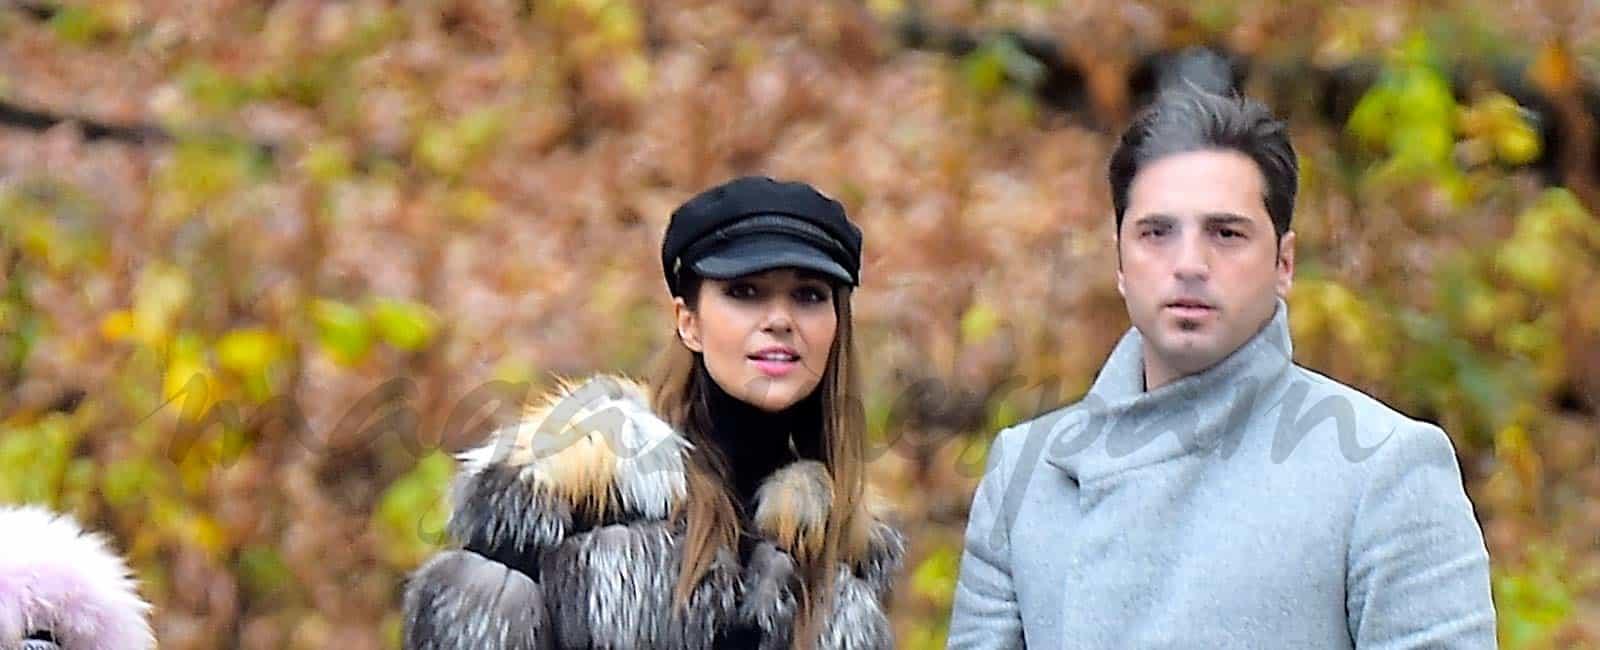 Paula Echevarría y David Bustamante vacaciones en familia en Nueva York